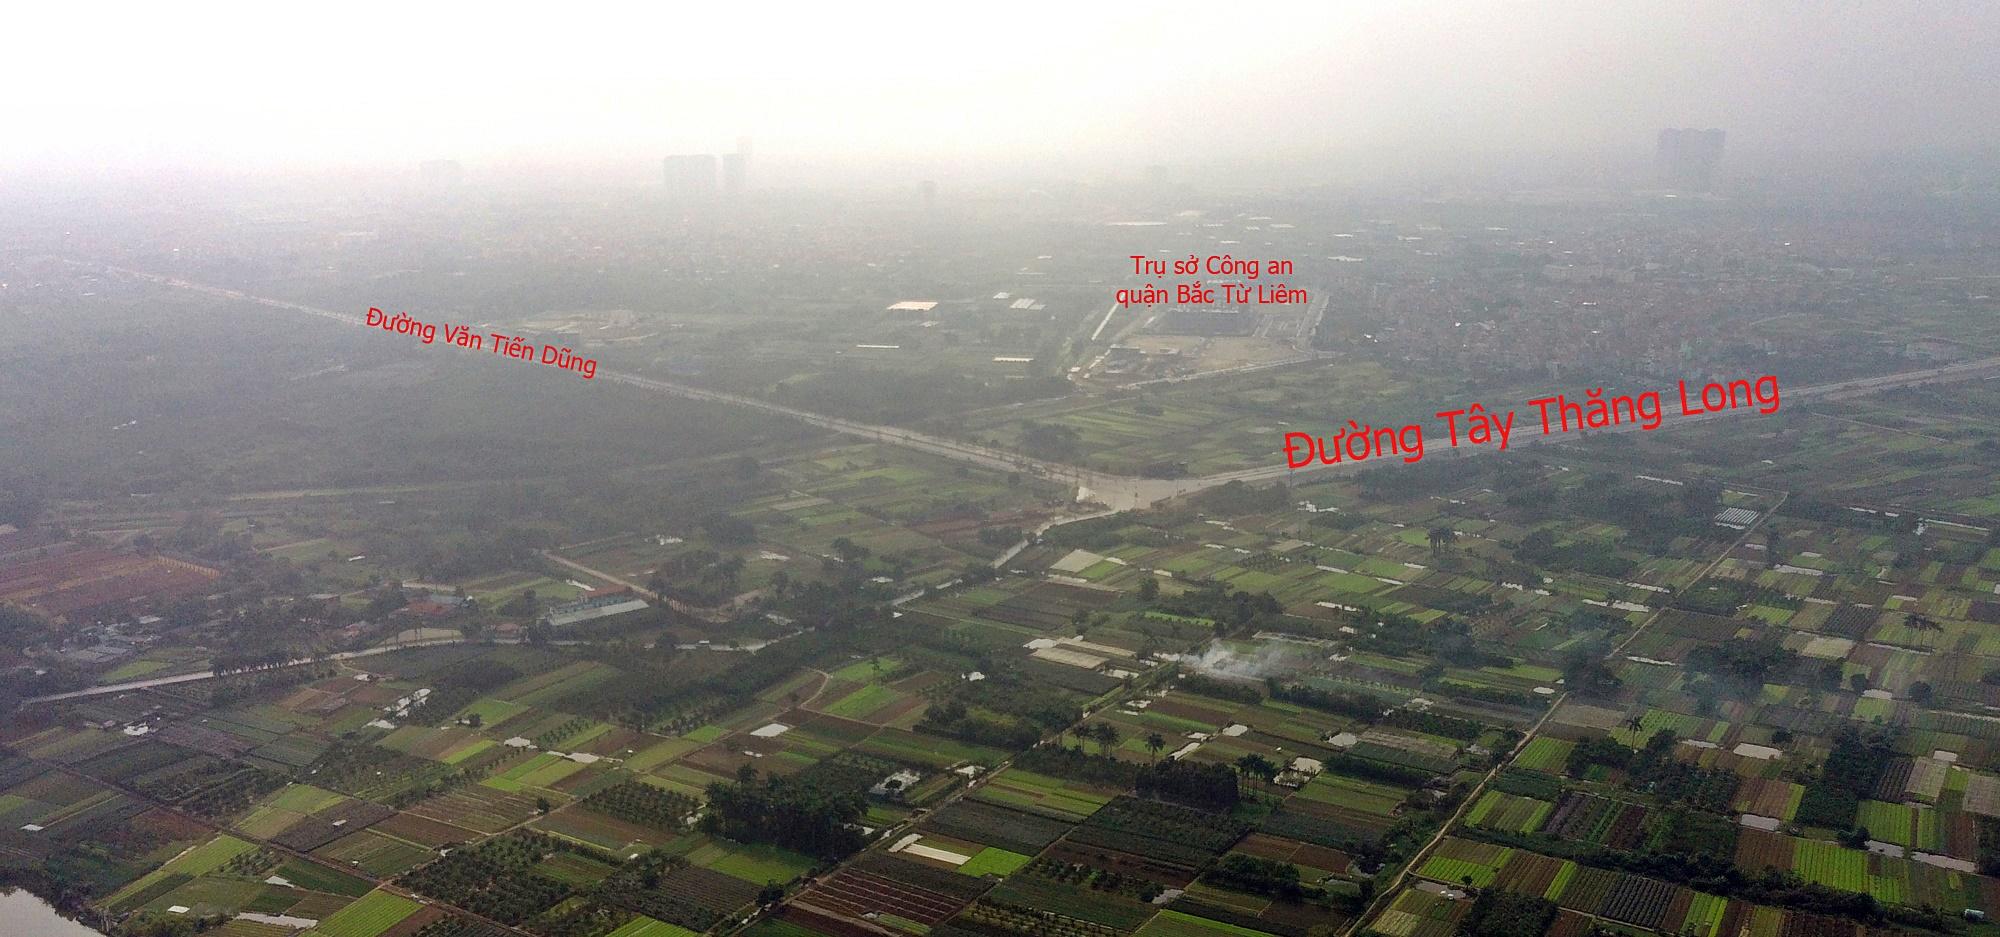 Những mảnh đất sẽ được đào hồ lớn ở quận Bắc Từ Liêm - Ảnh 11.